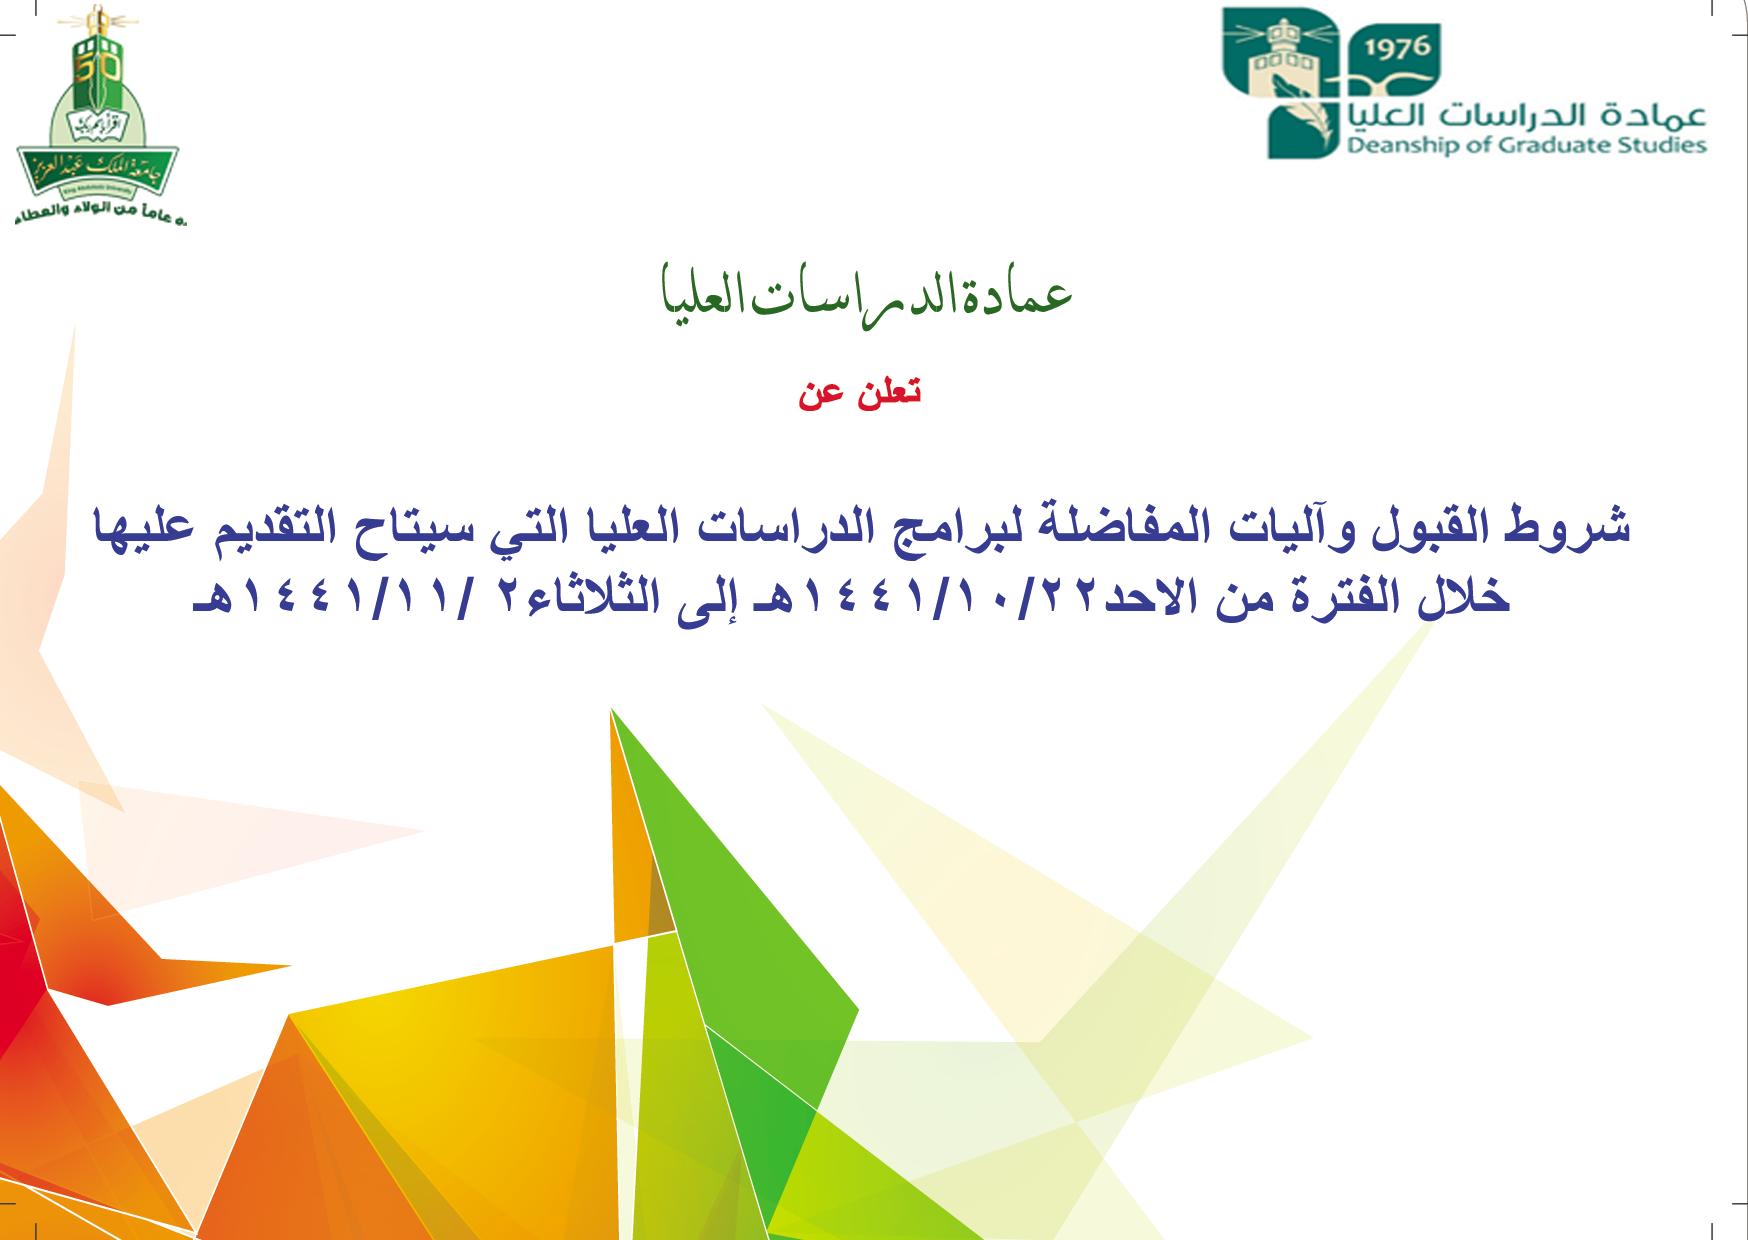 عمادة الدراسات العليا جامعة الملك عبد العزيز المملكة العربية